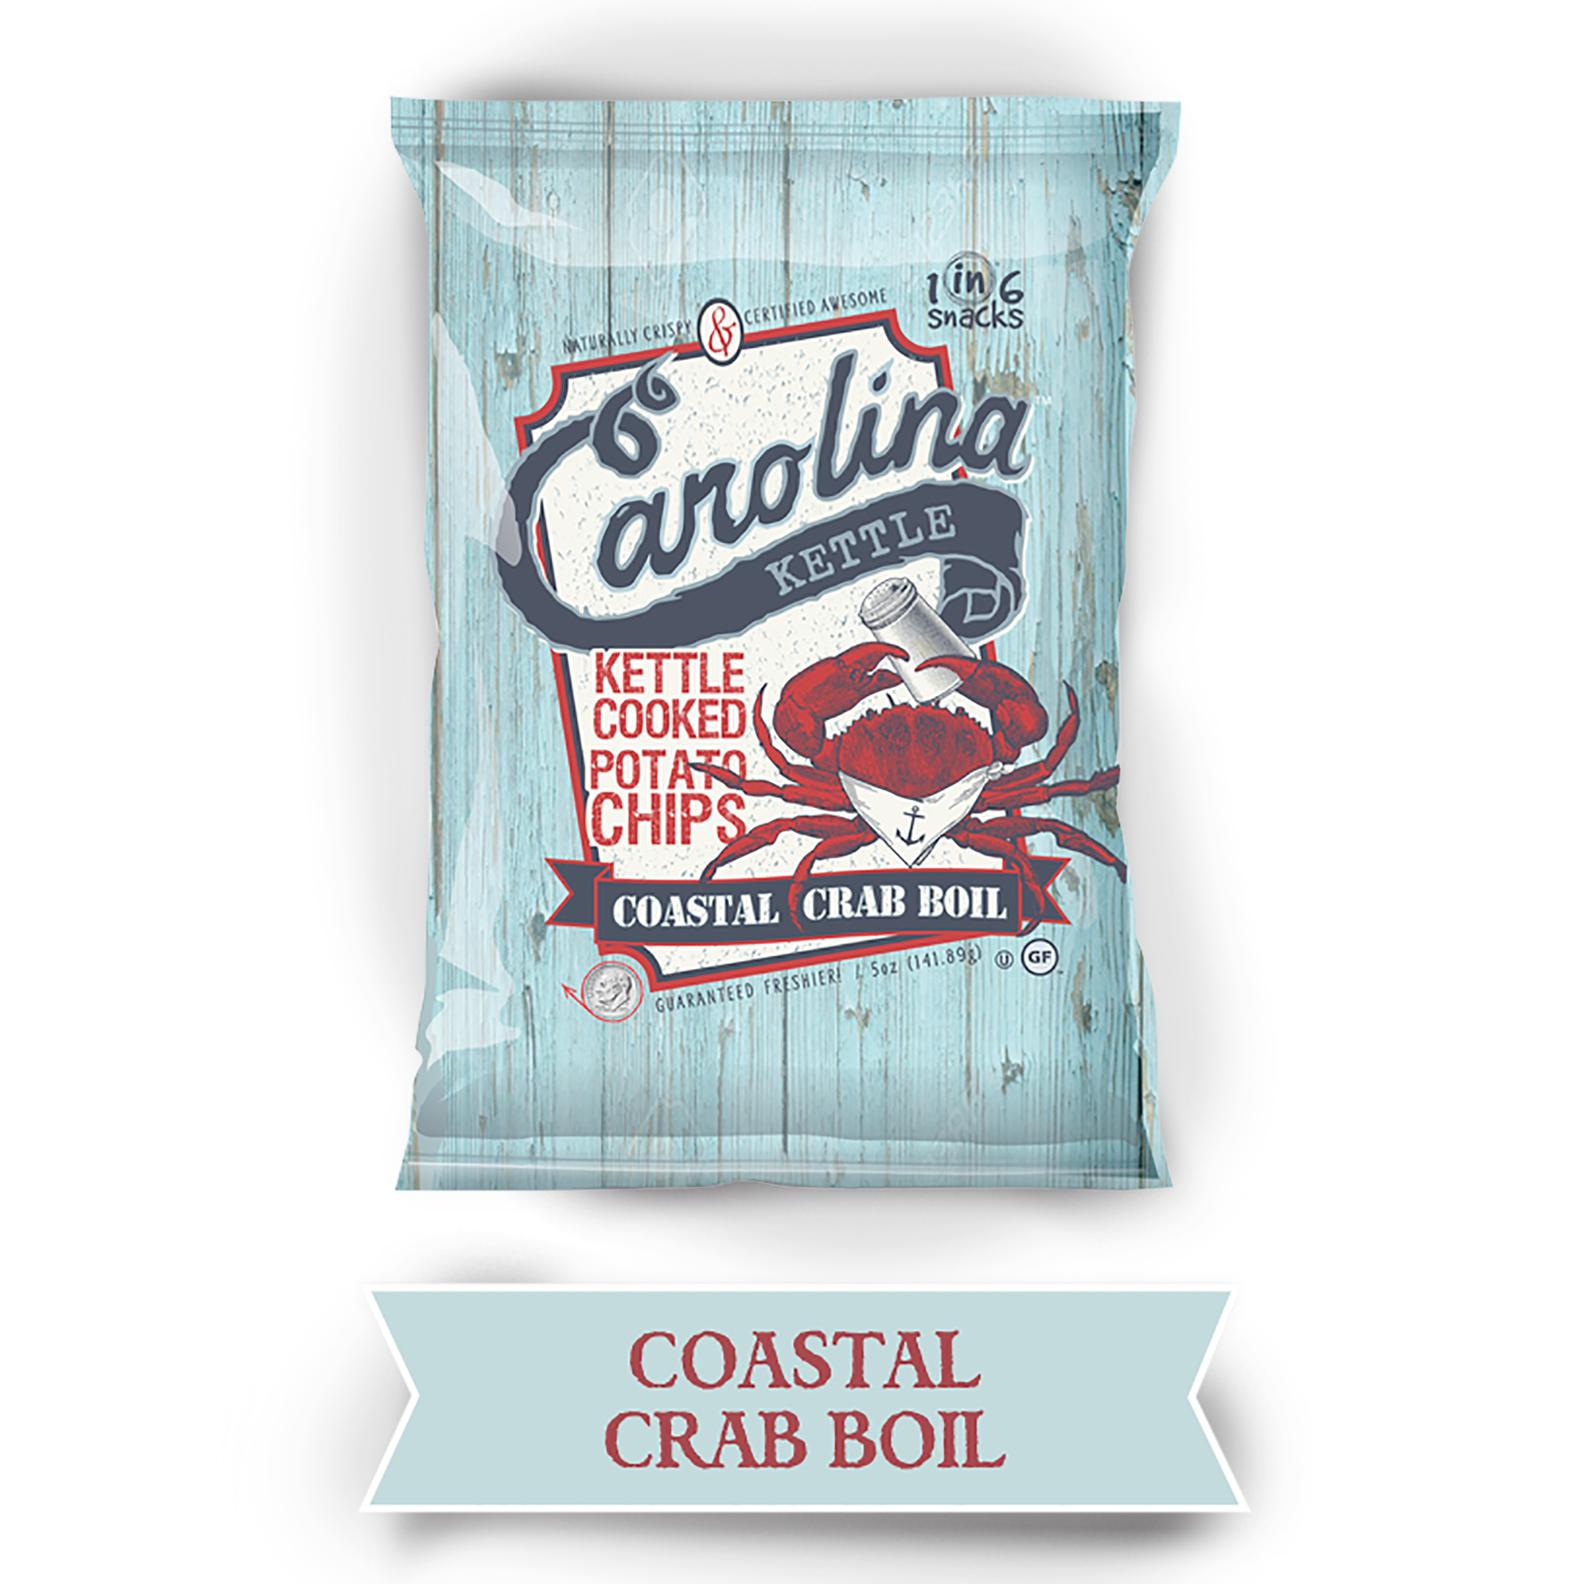 1 in 6 Snacks Coastal Crab Boil Potato Chips, 2oz